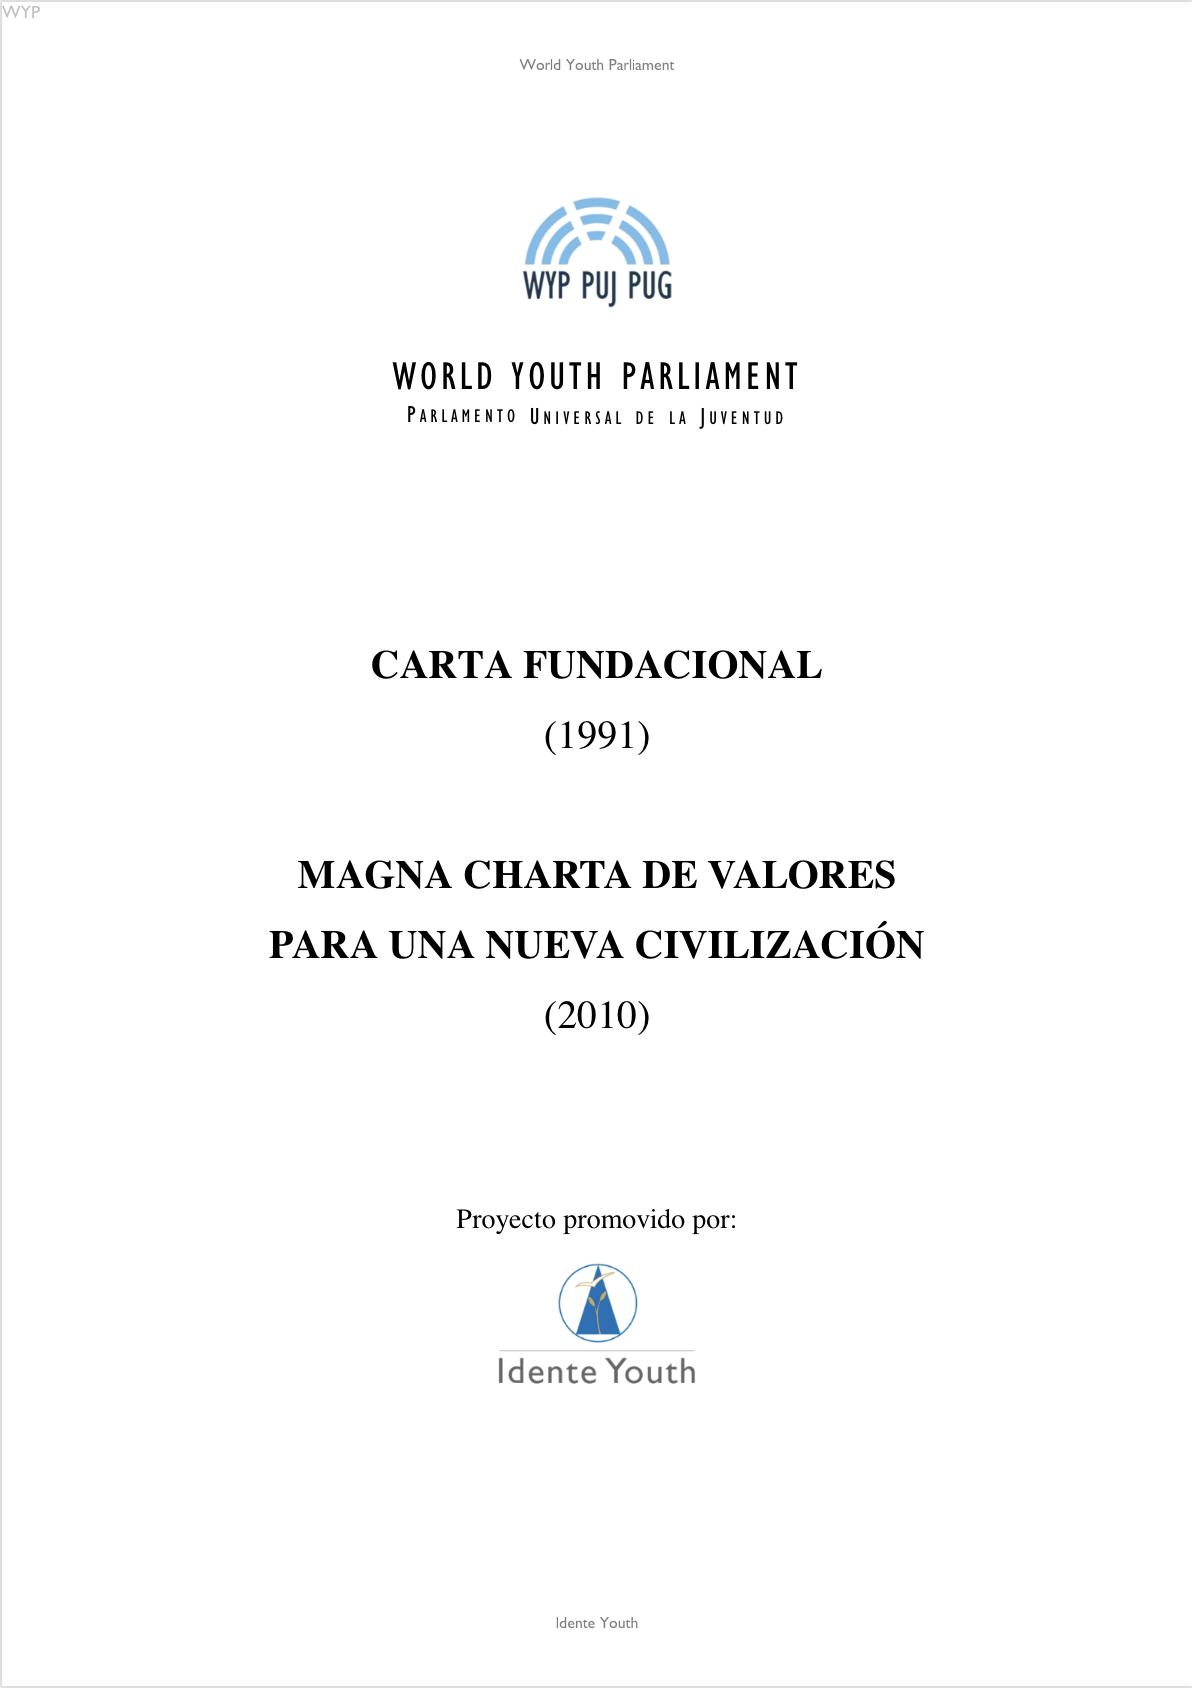 Carta Fundacional y Magna Charta_WYP